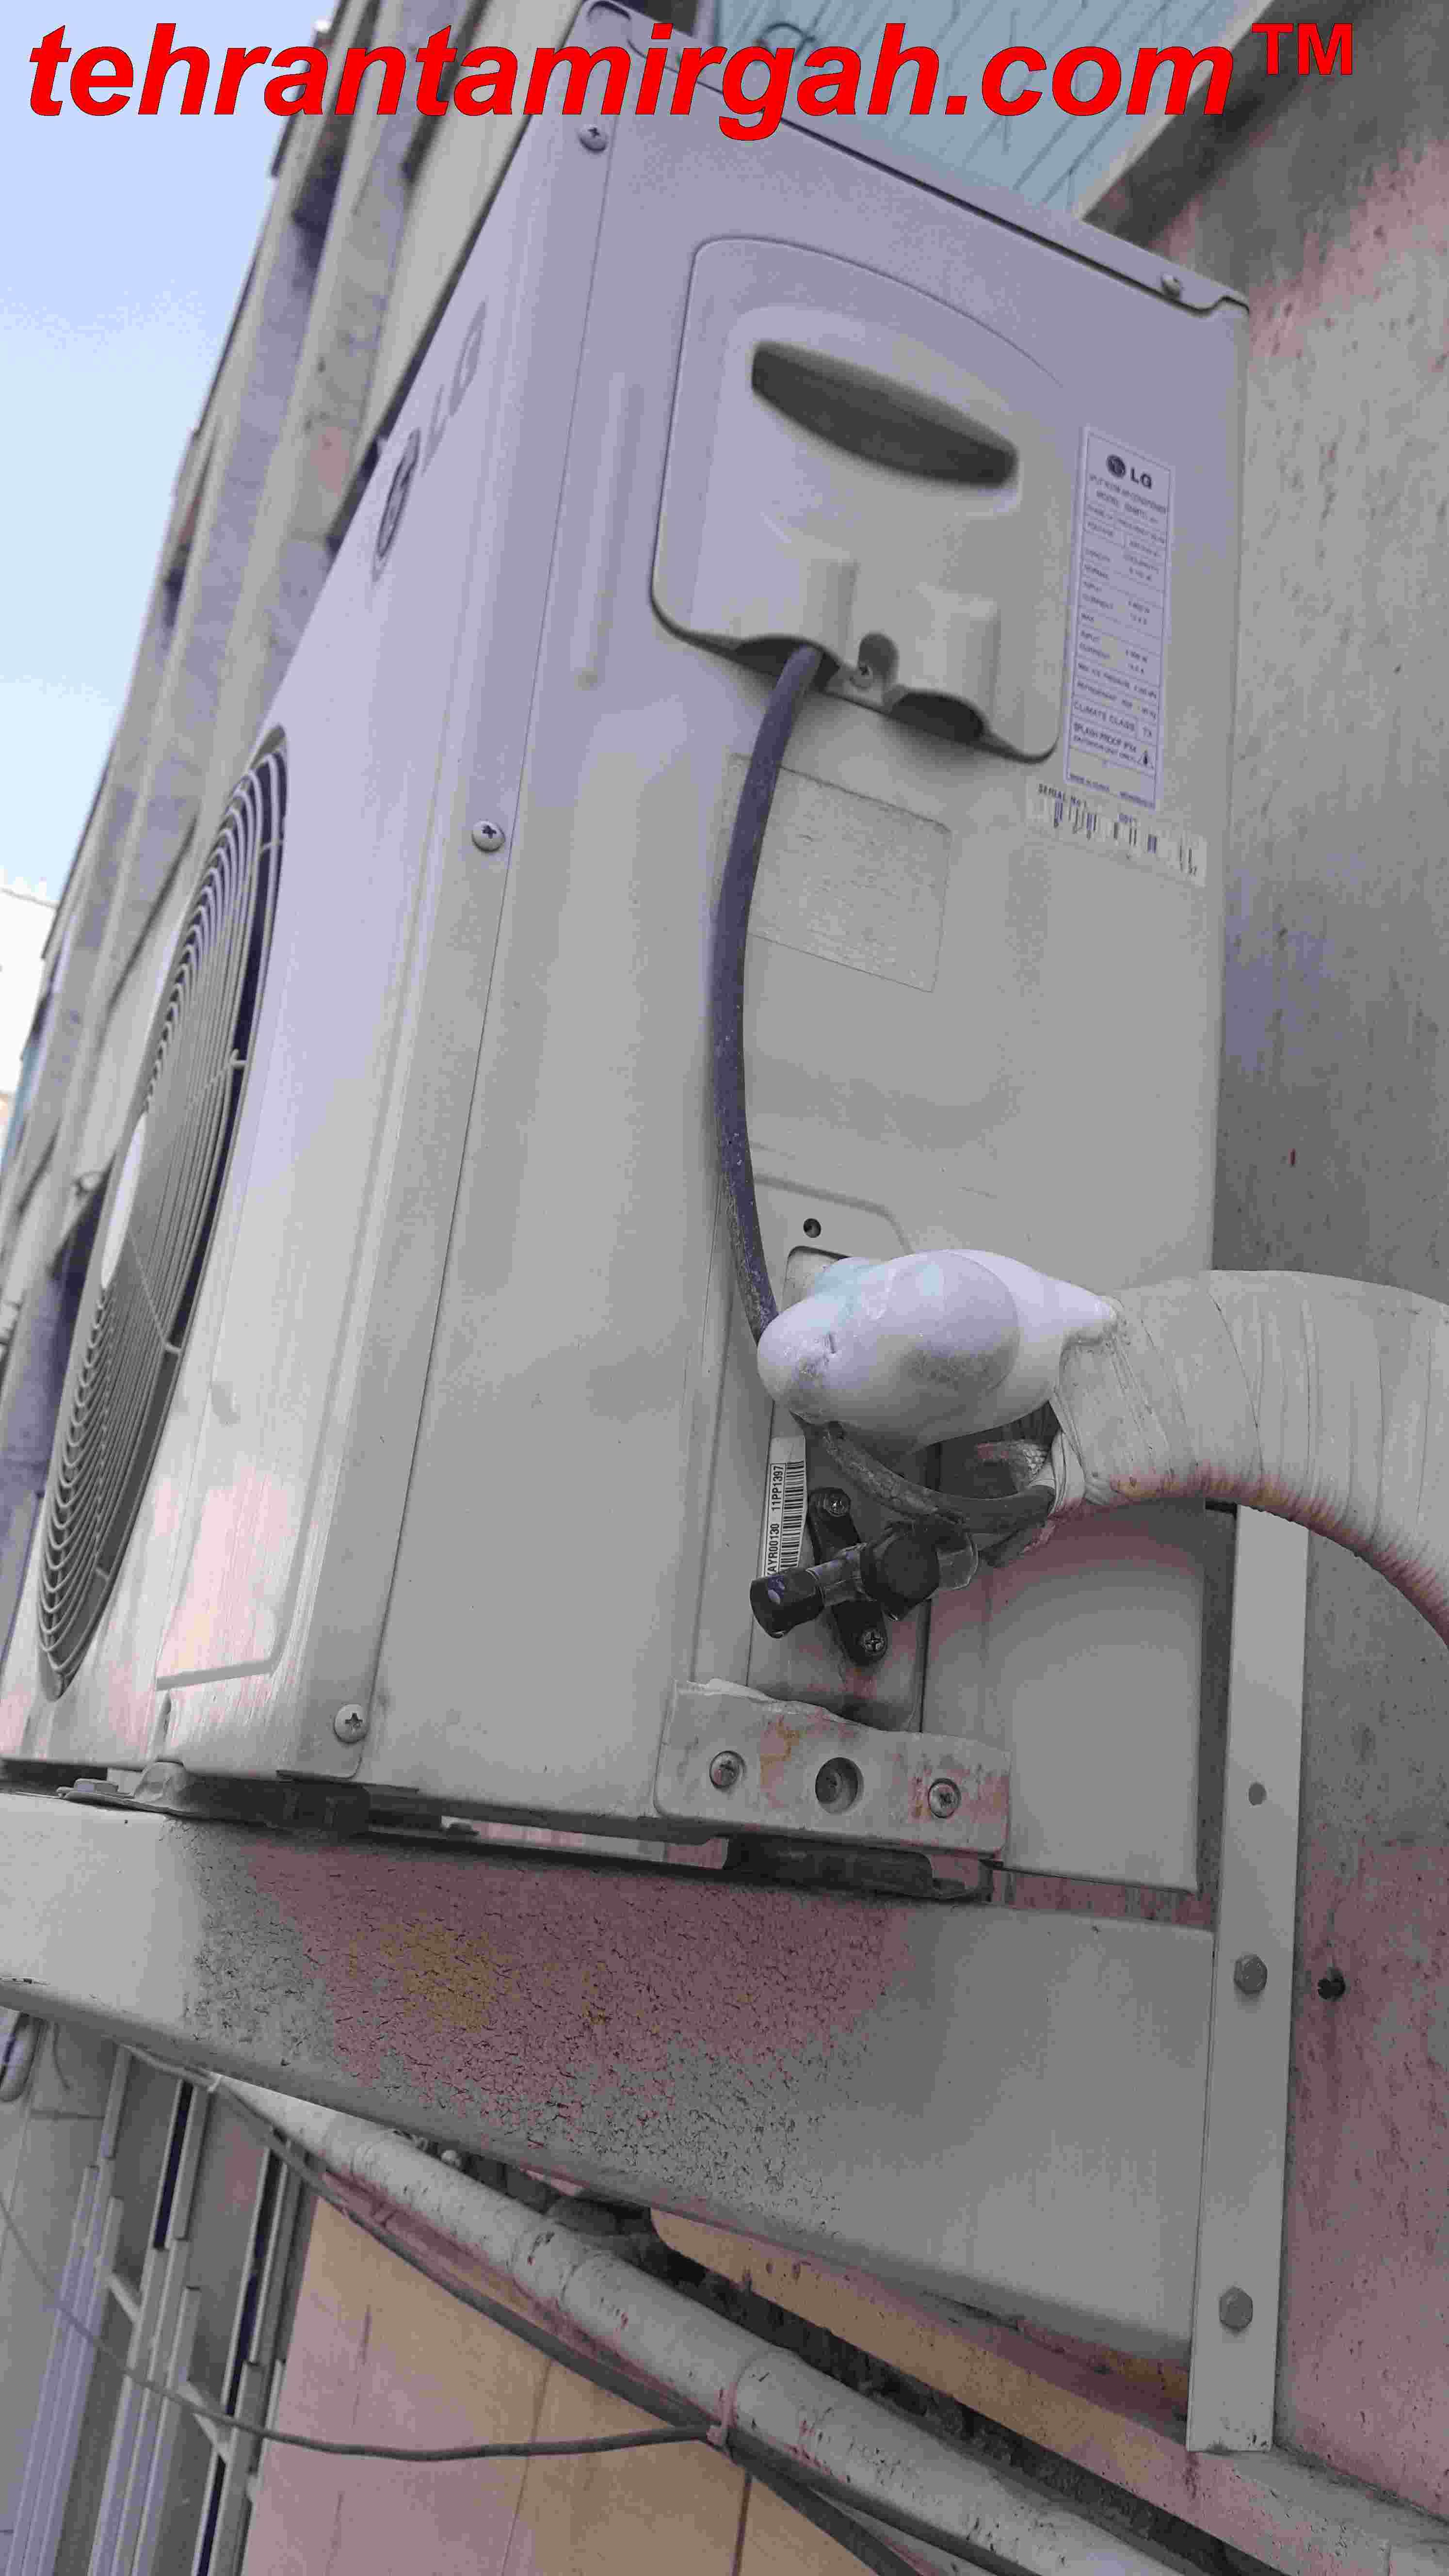 تعمیر کولر گازی شمال تهران | ۲۴ ساعته | با گارانتی | قیمت اتحادیه|  گاز هندی